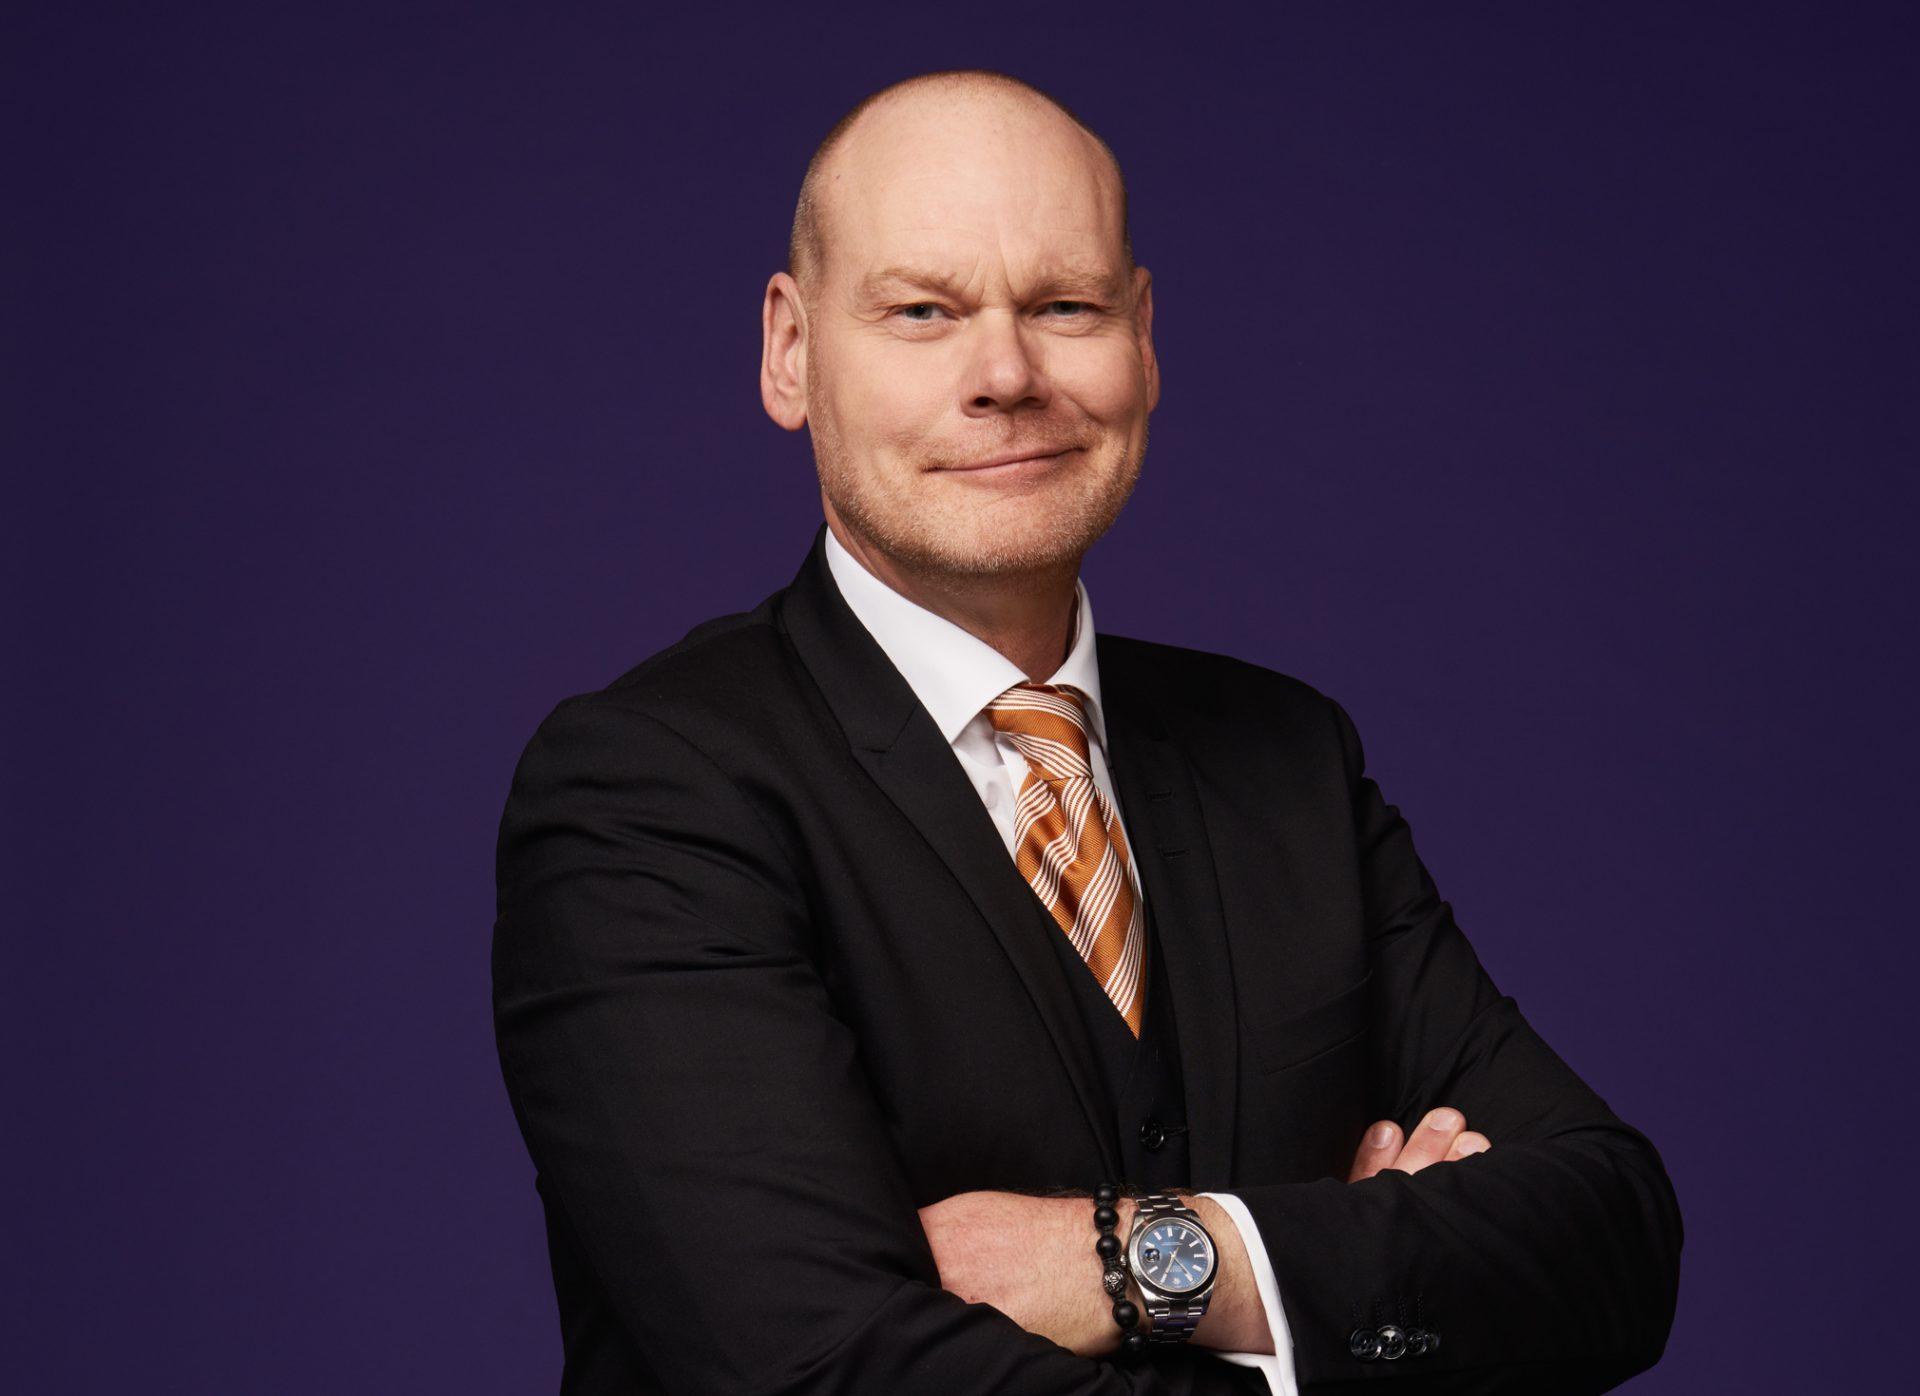 Andreas Bo til Aarhus: Jeg savner, at man kan underholde bredt